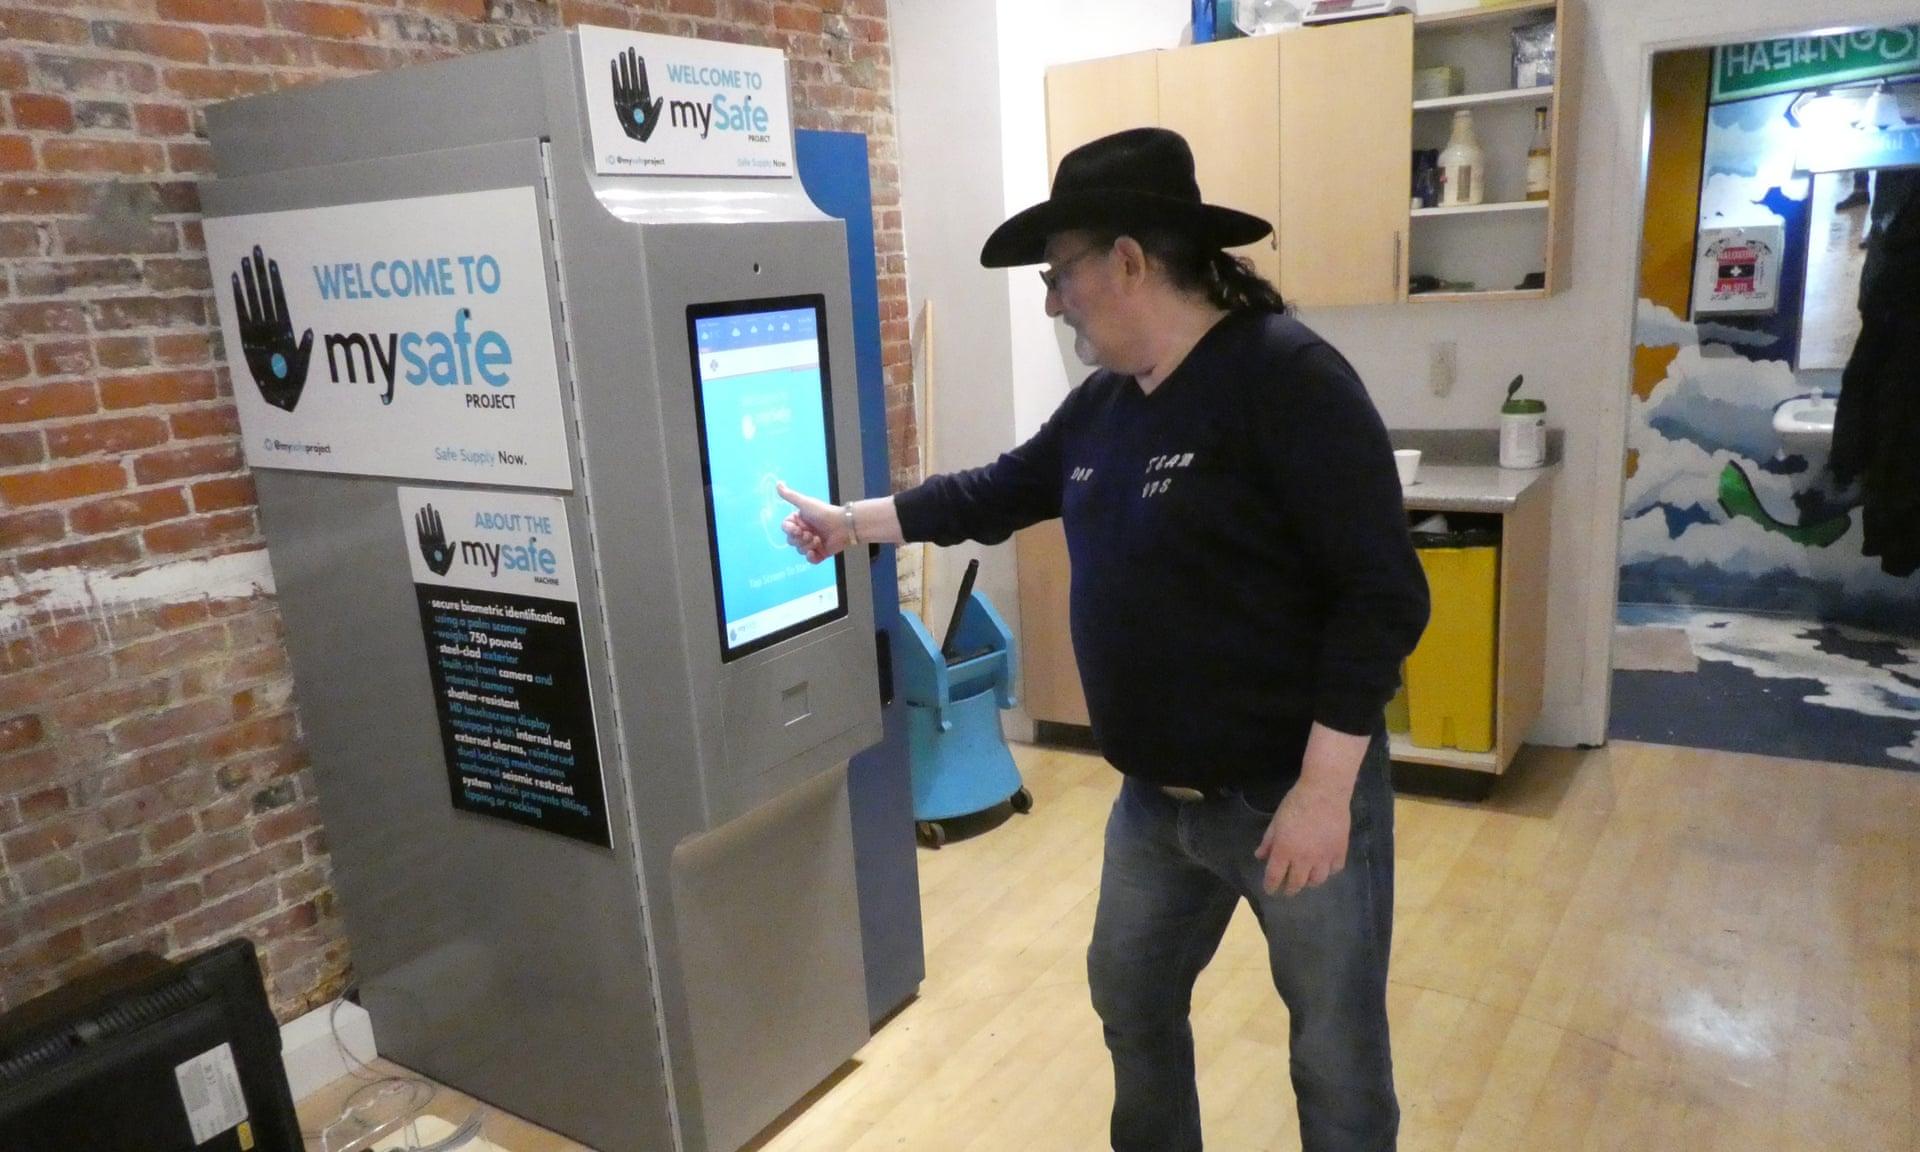 В Канаде установили торговый автомат с опиоидами.Вокруг Света. Украина